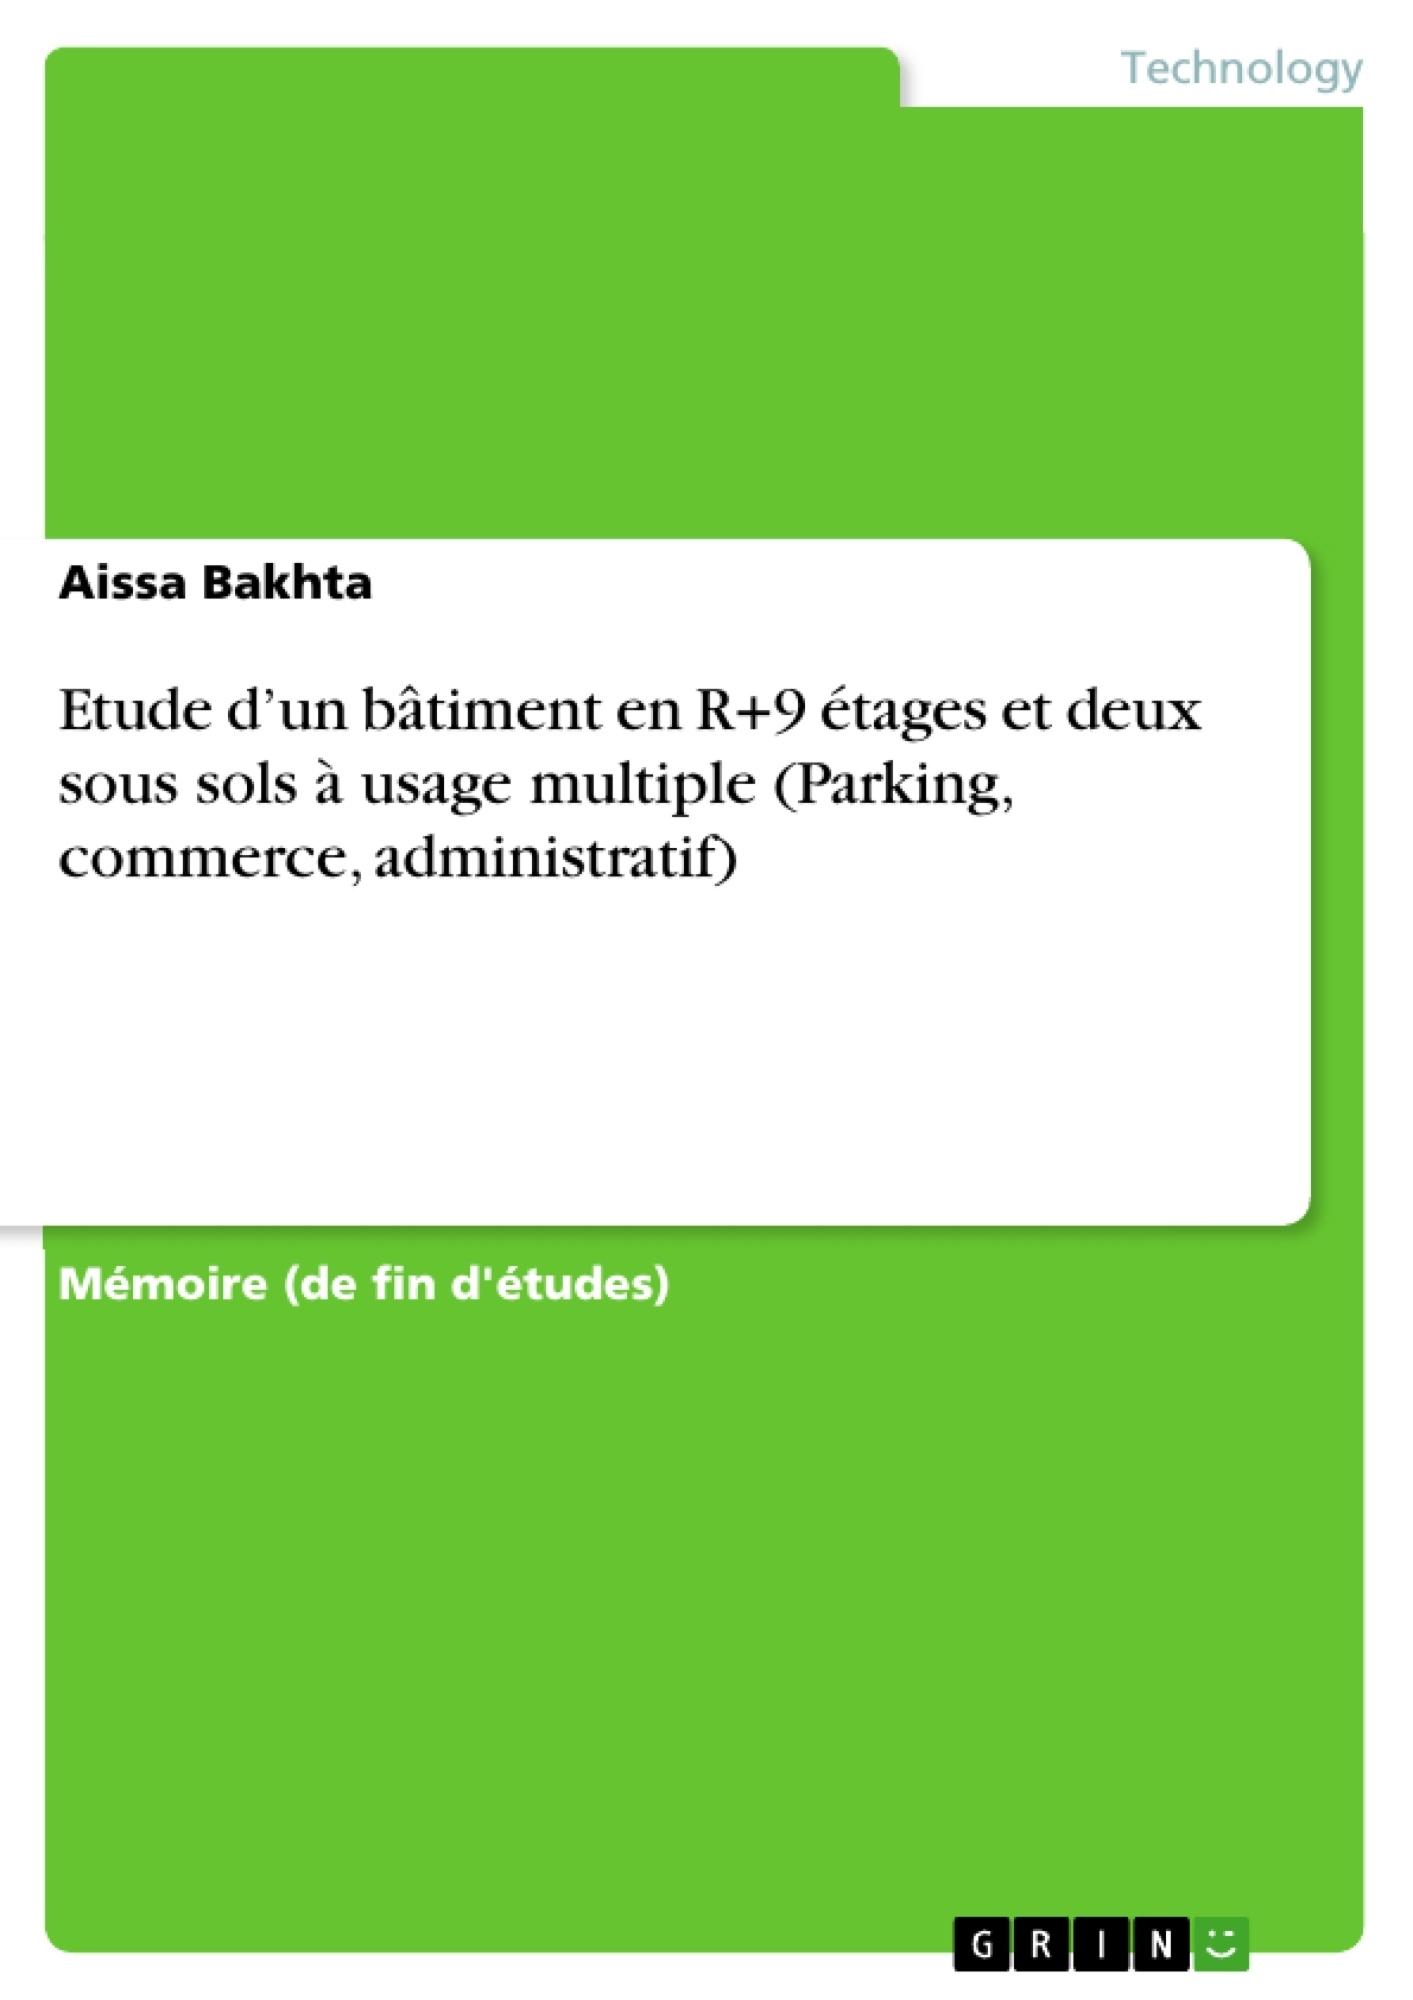 Titre: Etude d'un bâtiment en R+9 étages et deux sous sols à usage multiple (Parking, commerce, administratif)